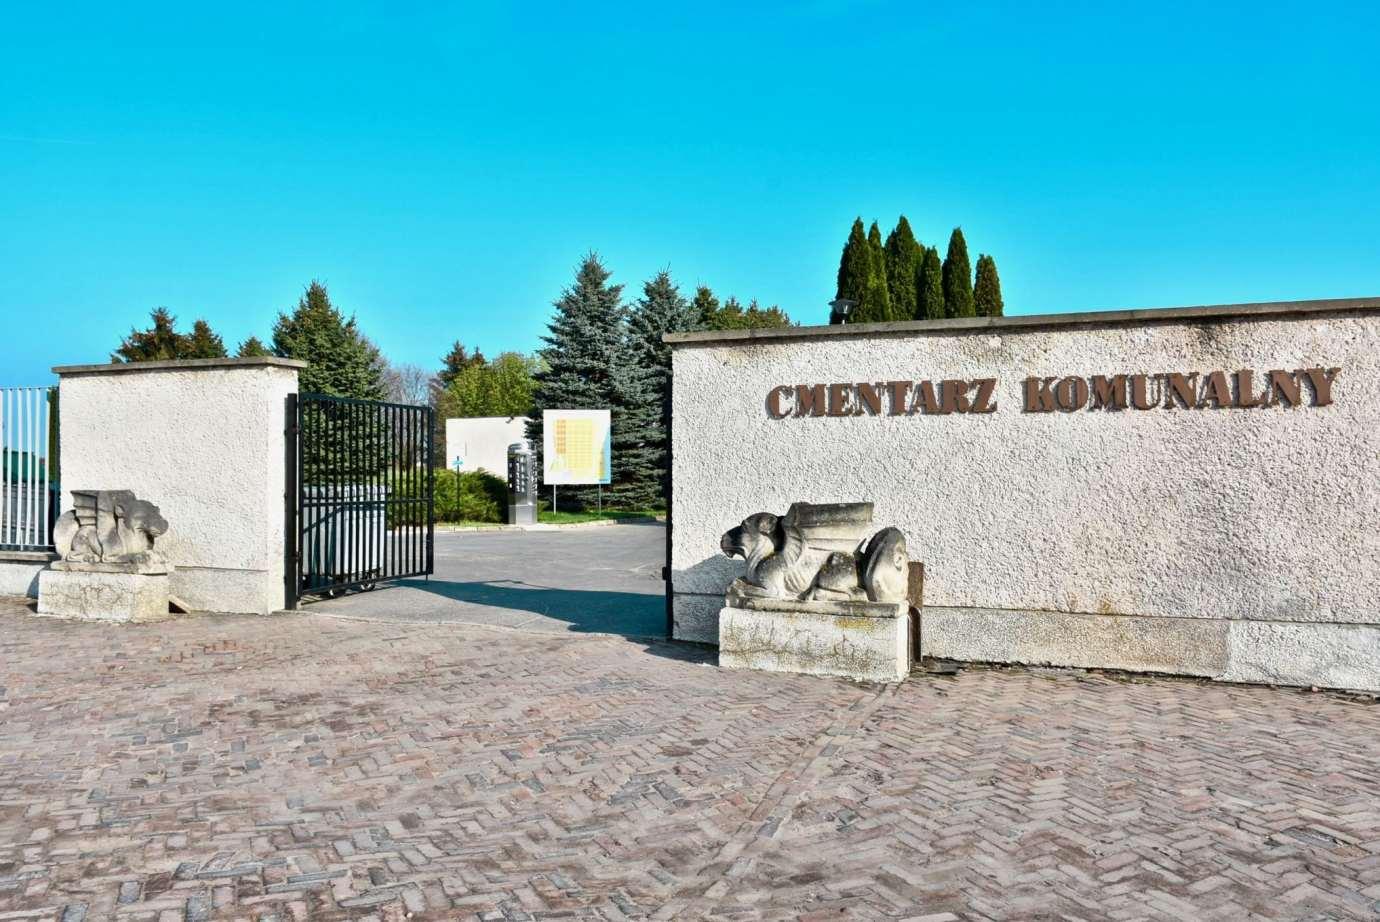 dsc 2499 1 Zamość: Cmentarz Komunalny zostaje zamknięty.